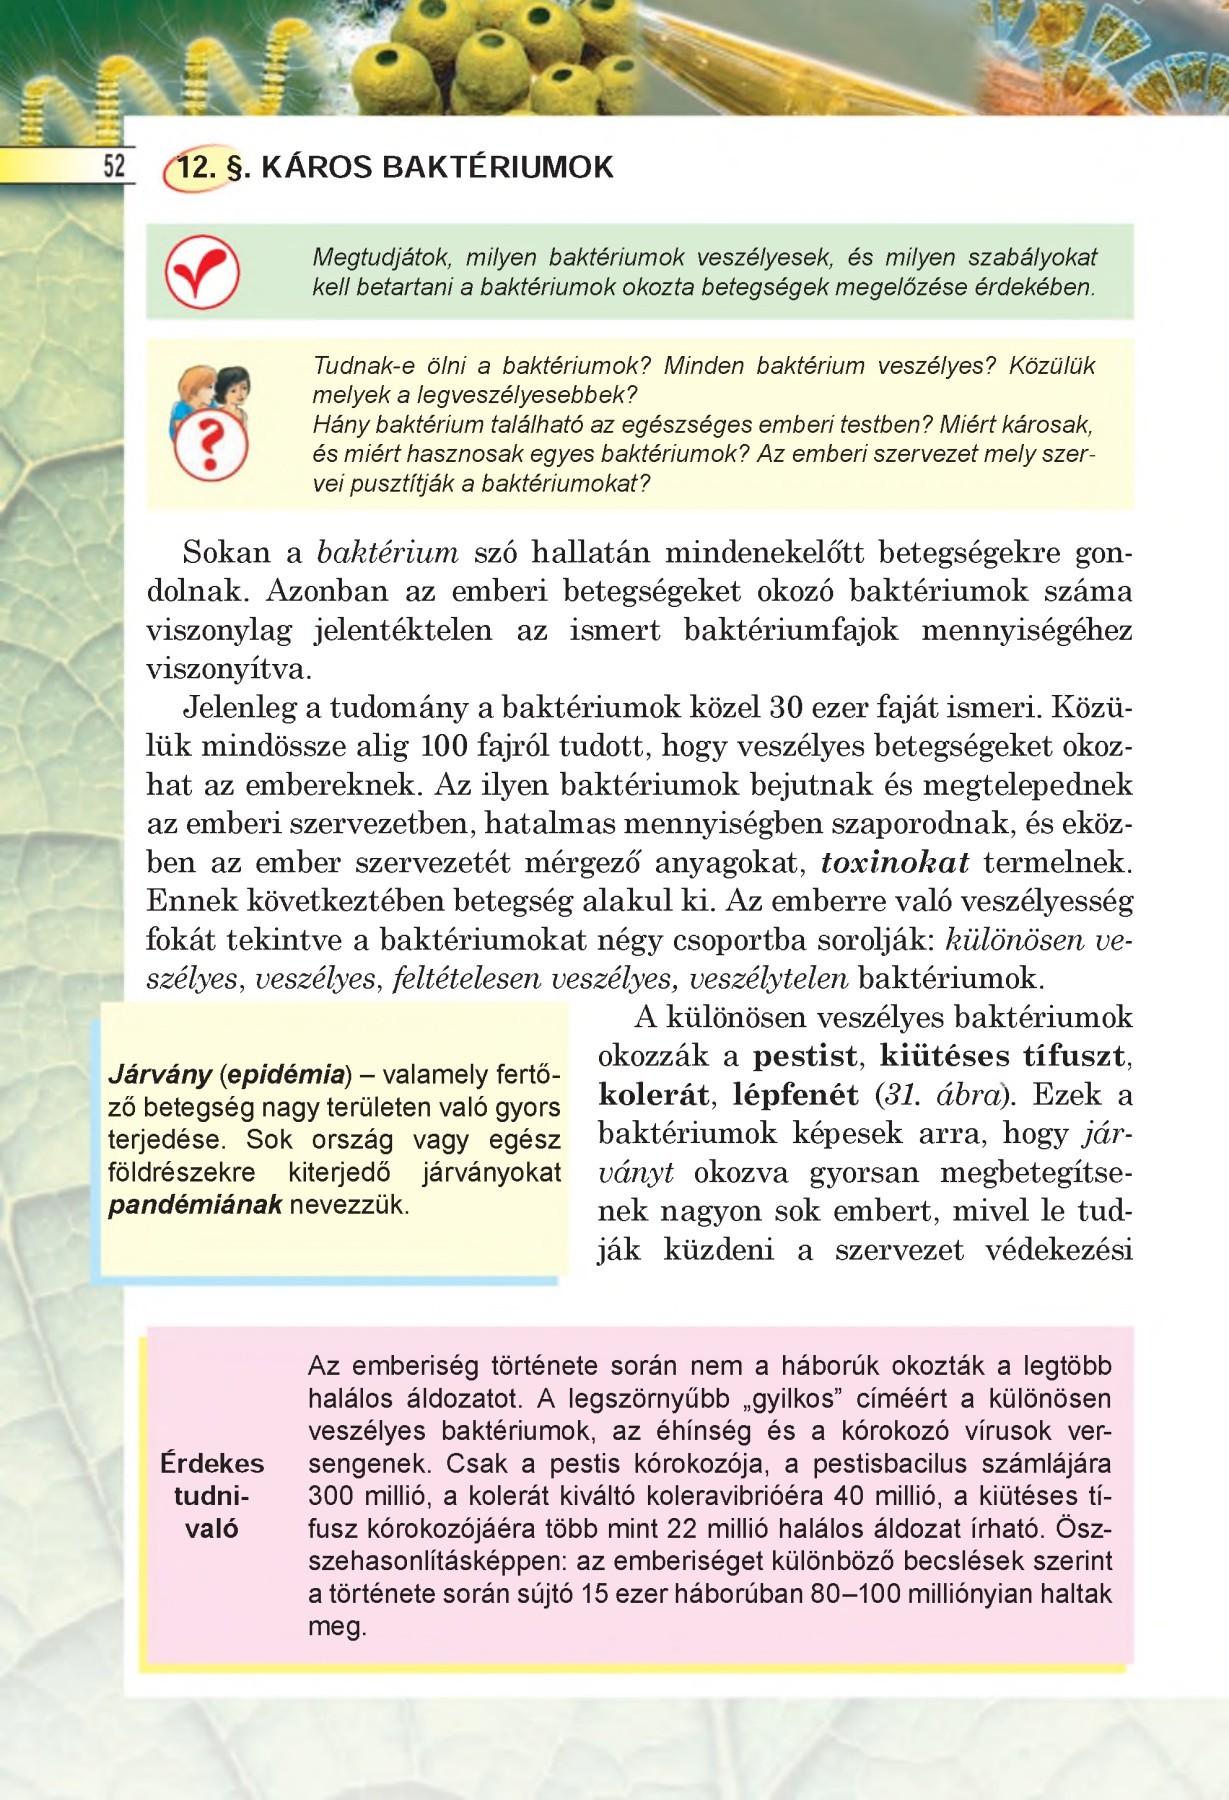 parazitáktól való megtisztítás Stepanova szerint)